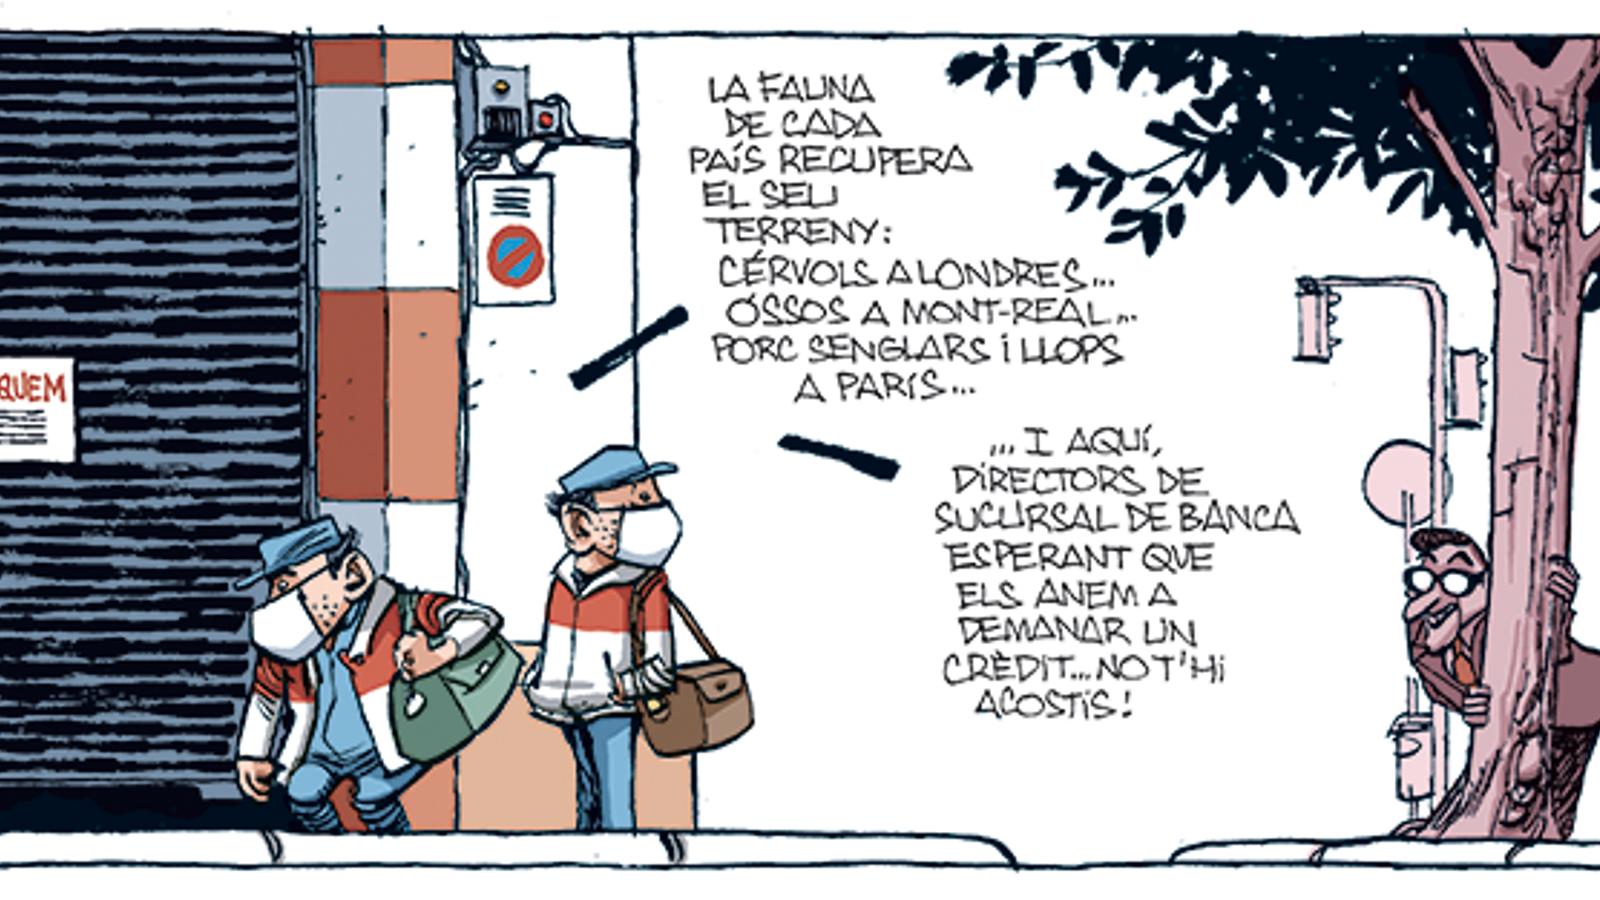 'A la contra', per Manel Fontdevila